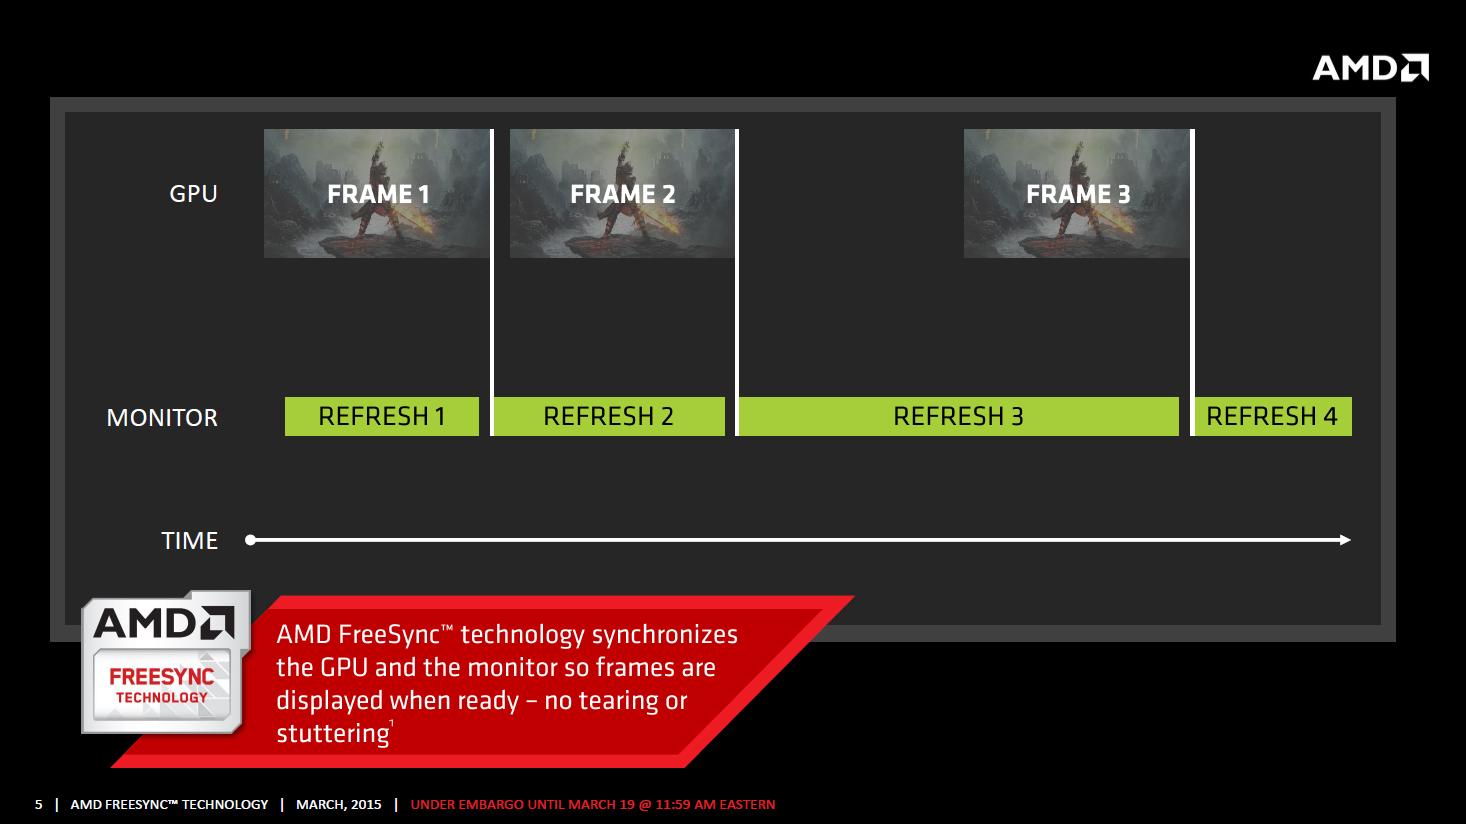 AMD Freesync im Test: Kostenlos im gleichen Takt - Freesync gibt passt die Hz-Frequenz an die Framerate an. (Bild: AMD)